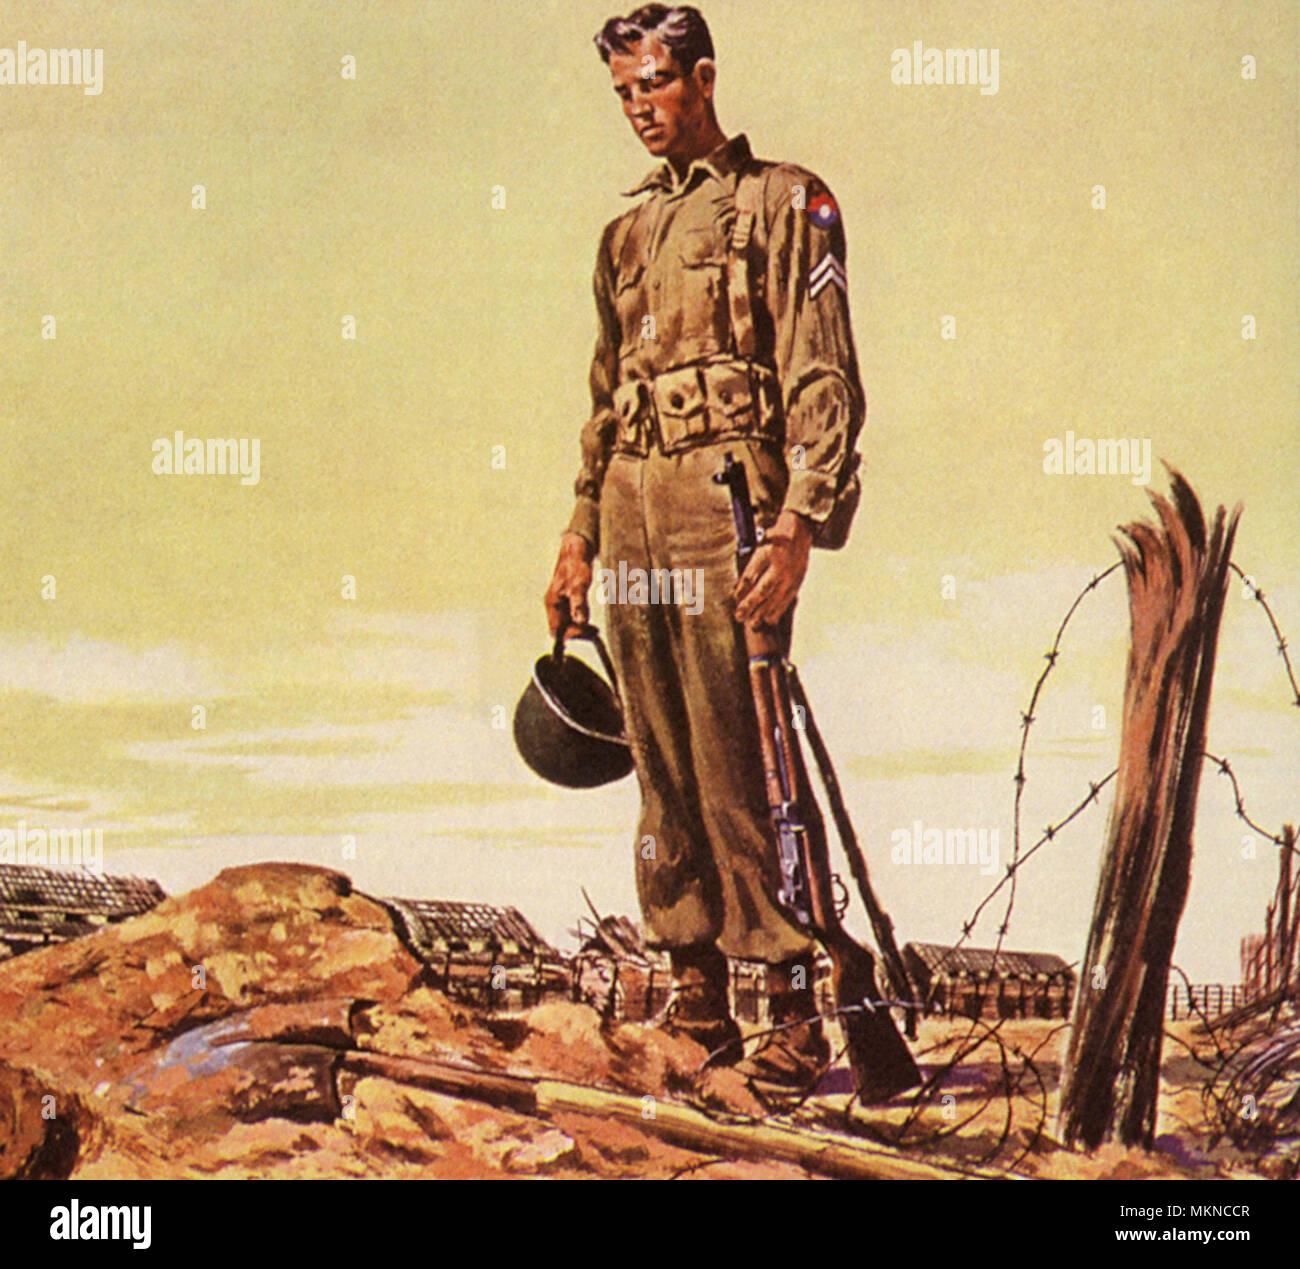 Soldat à la tombe d'un camarade Photo Stock